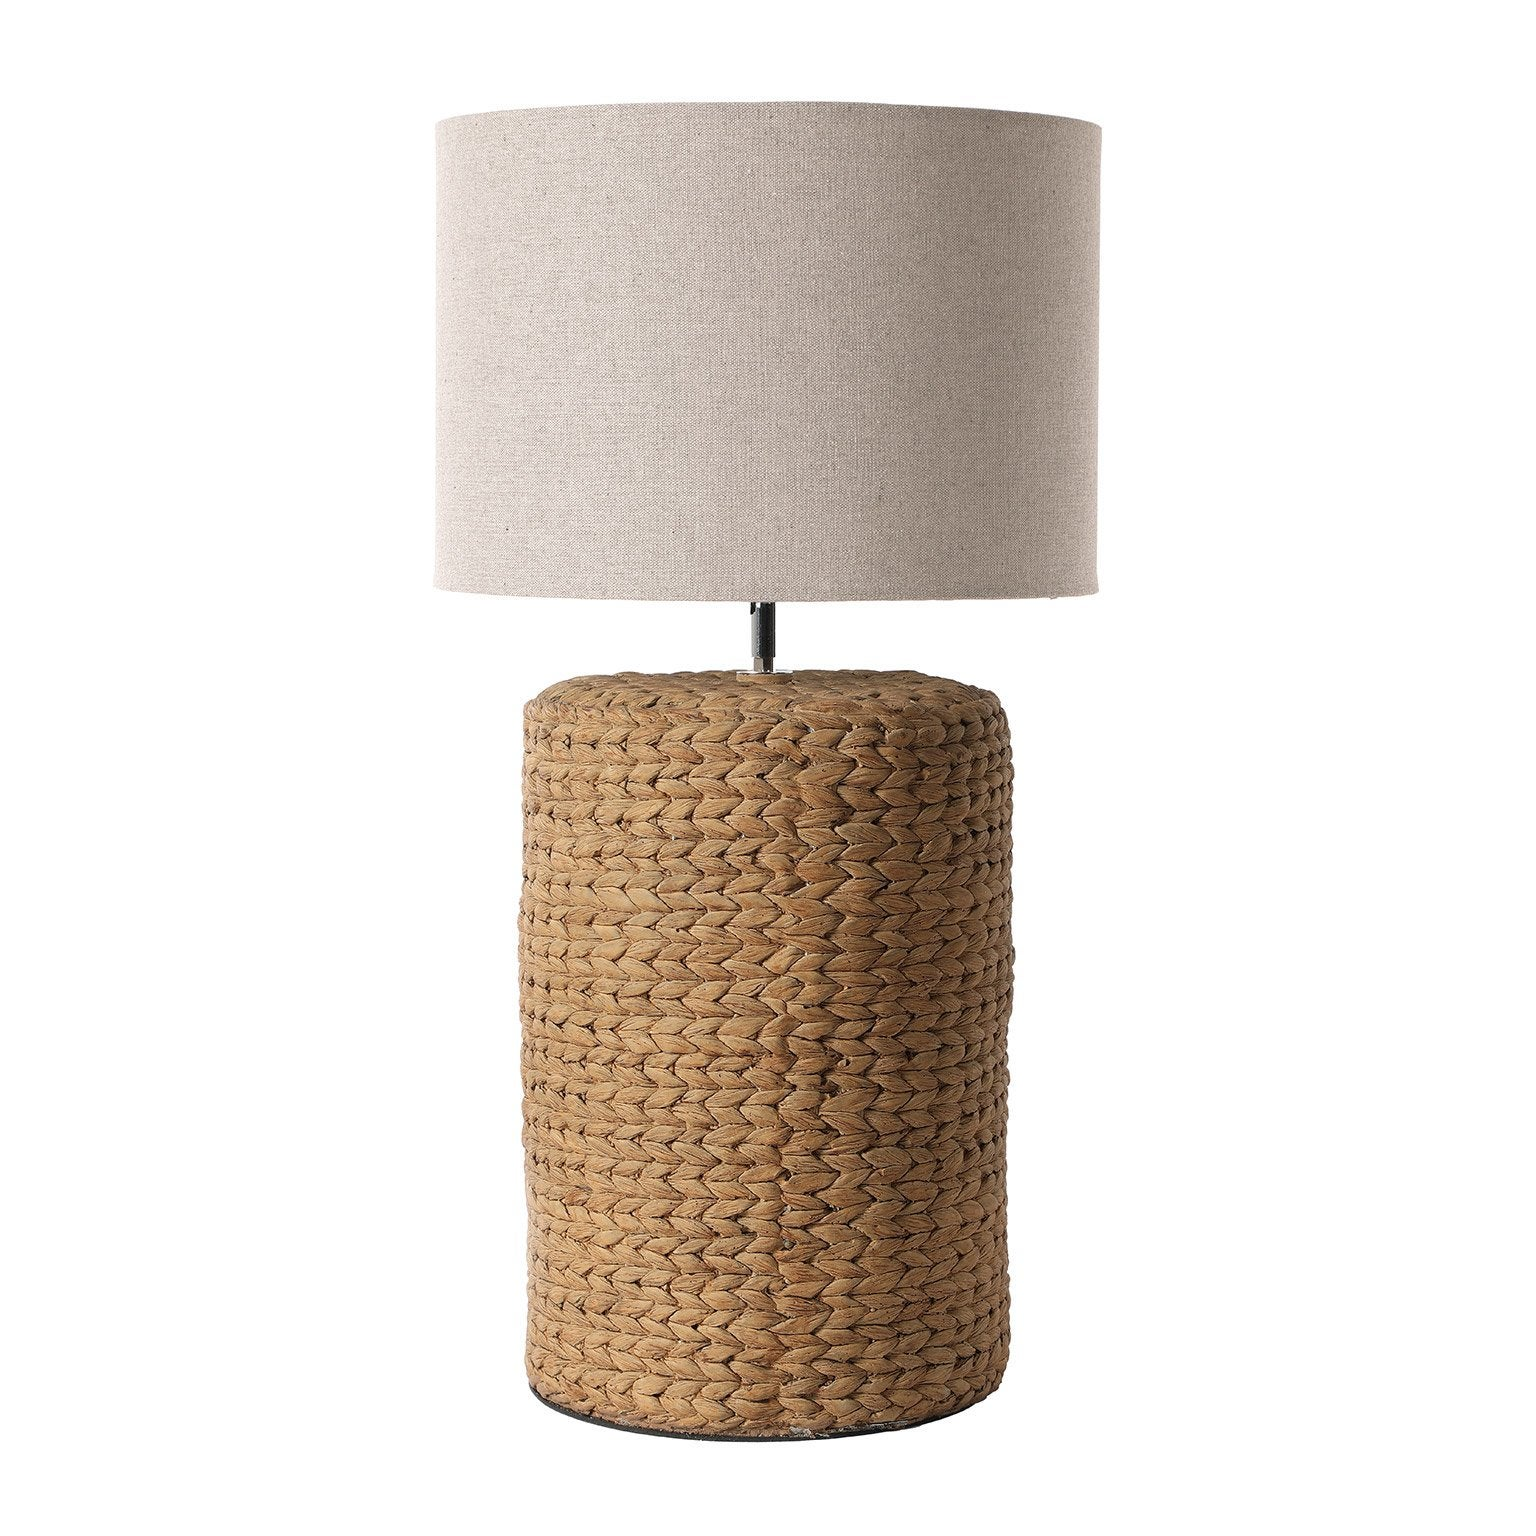 Lampe, charme romantique, céramique beige, LUSSIOL Agnes